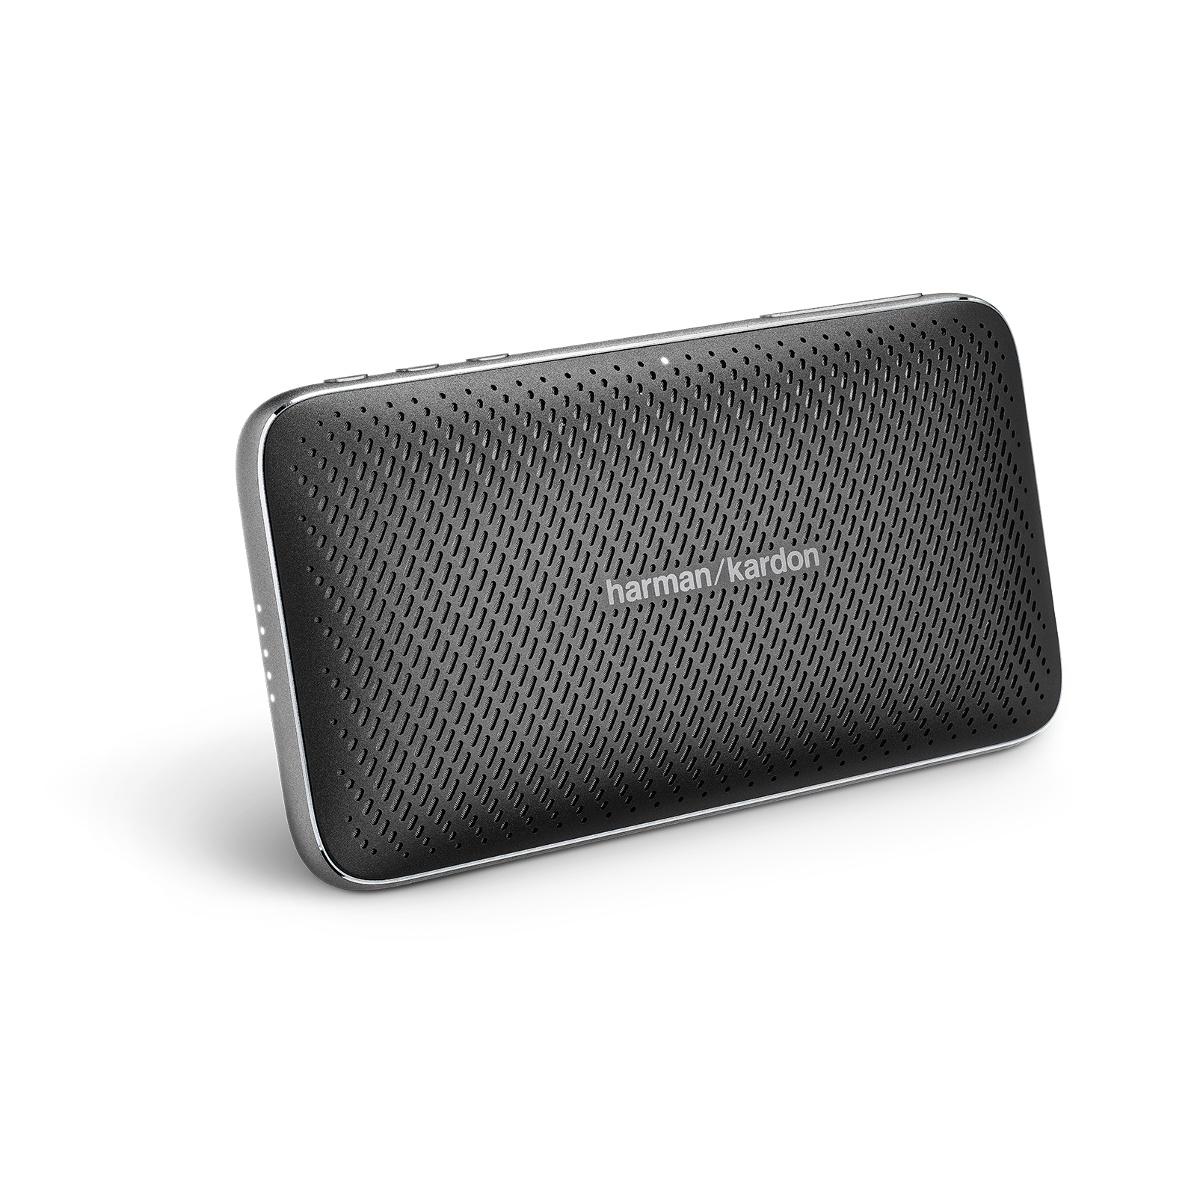 Беспроводная портативная акустическая система Harman/Kardon Esquire Mini 2 черная (1/6)